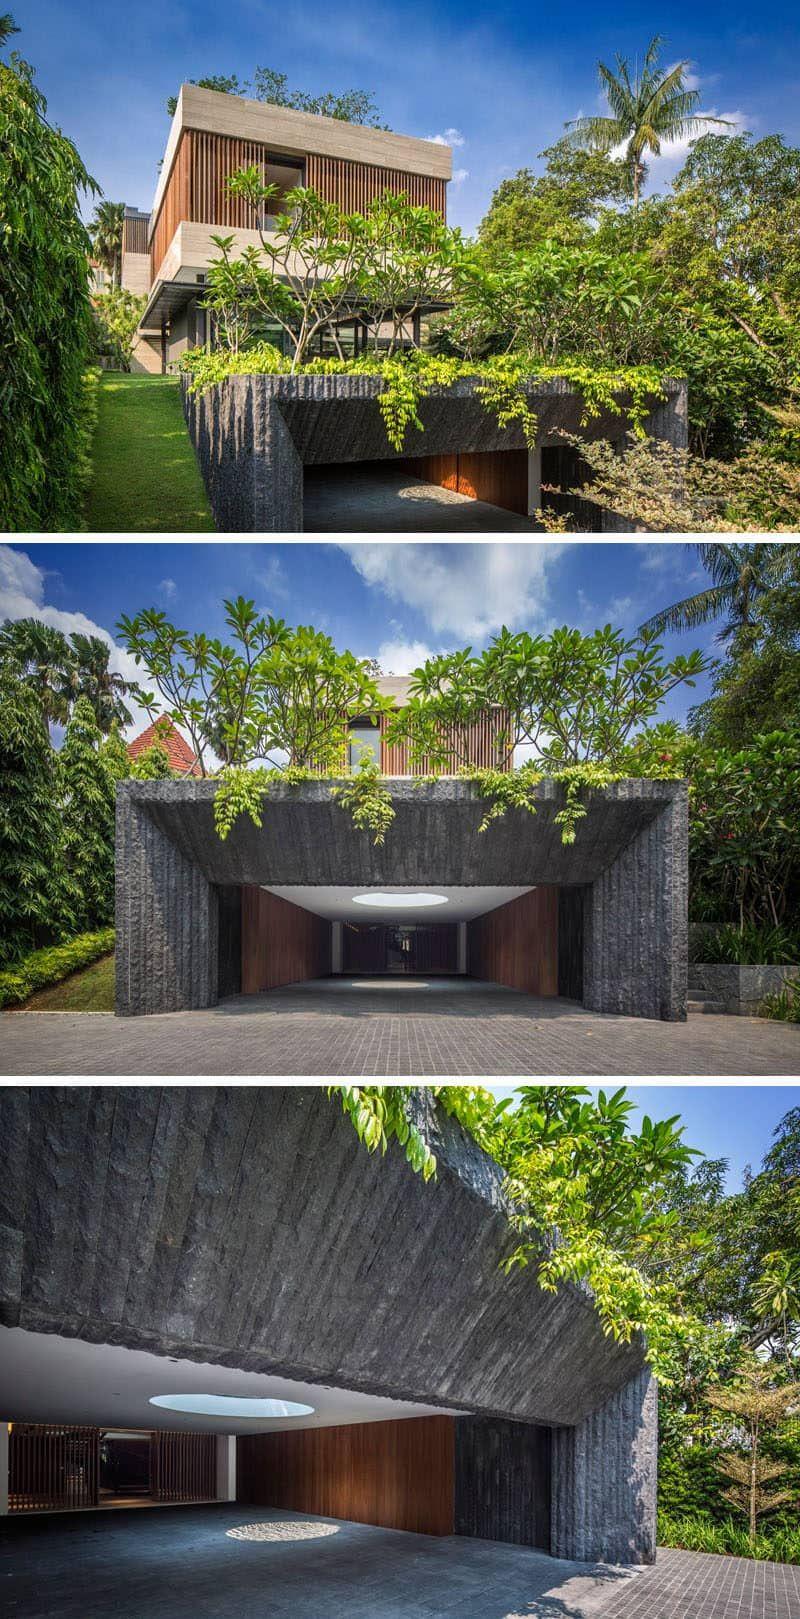 Das geheime Gartenhaus durch Wallflower Architecture